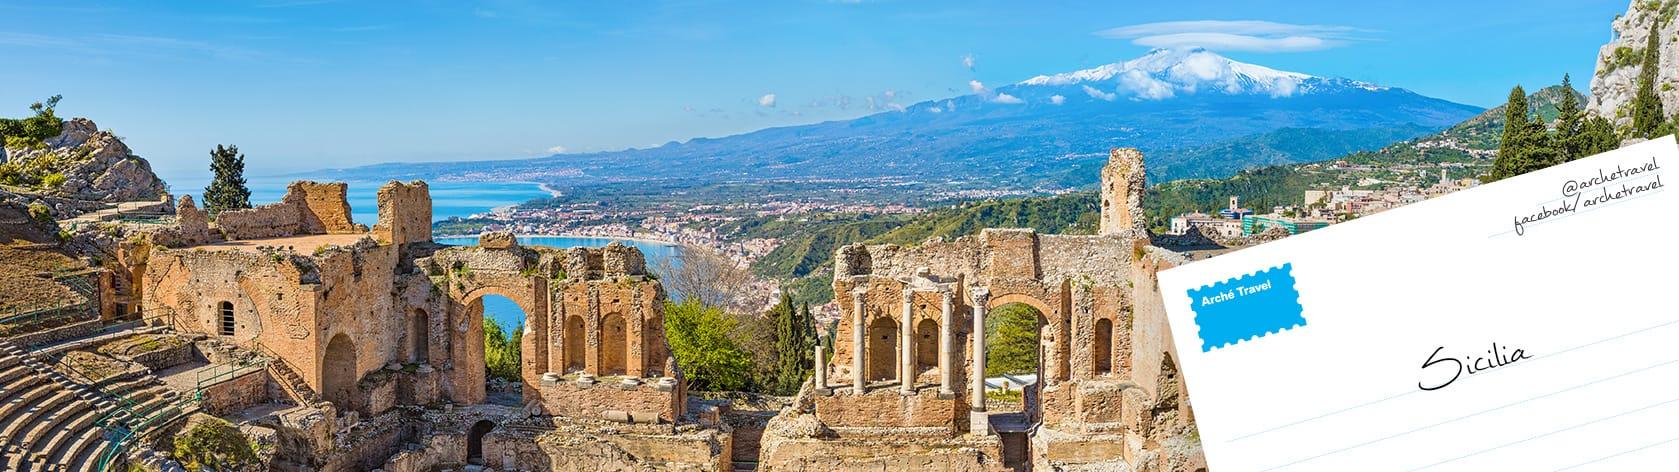 Blog Sicilia - Guida di Viaggio Sicilia - Blog di Viaggio Sicilia